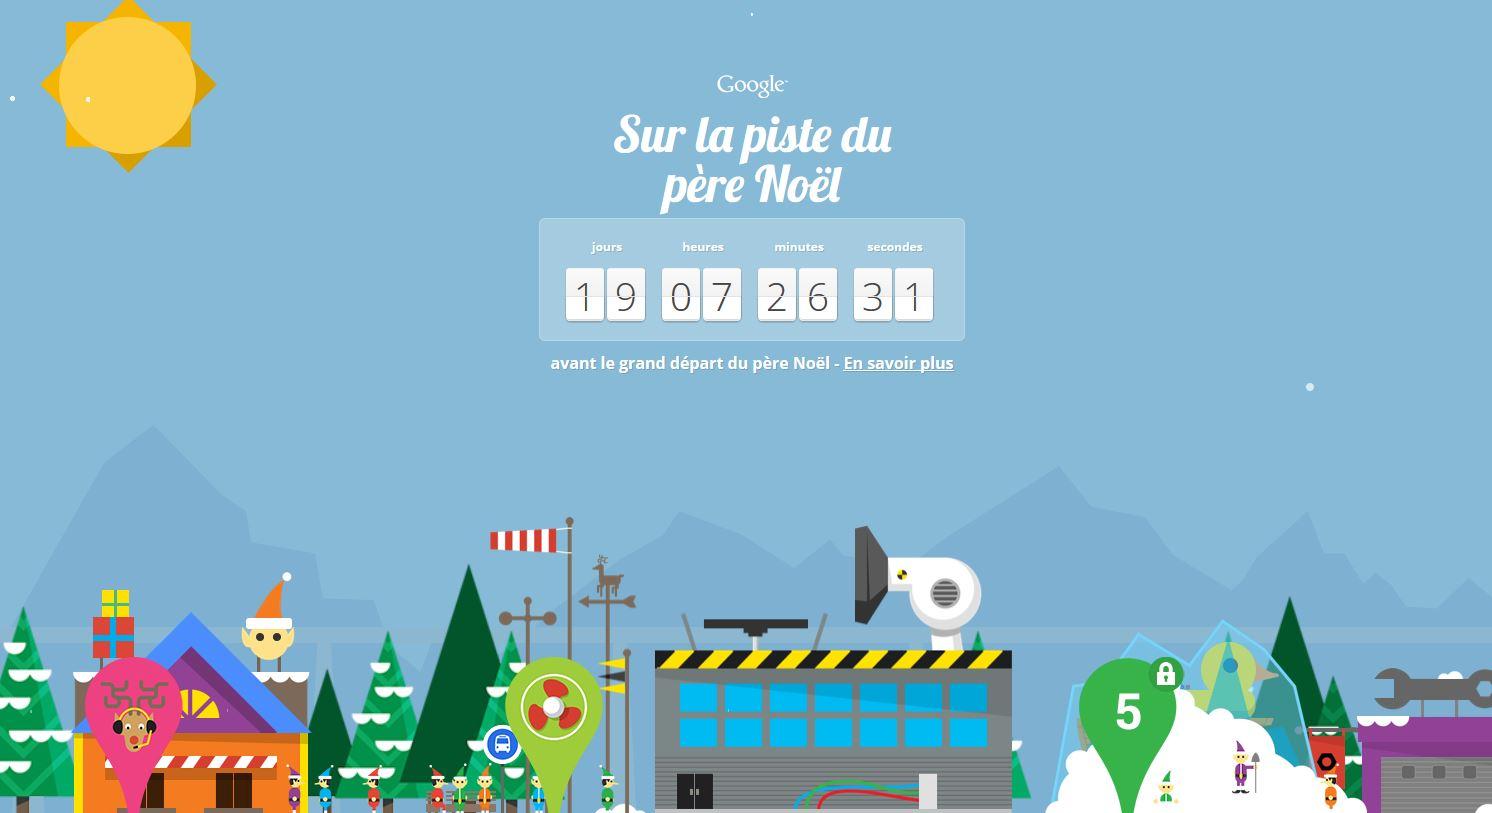 Calendriers de l'avent: Google et Microsoft sur les traces du Père Noël